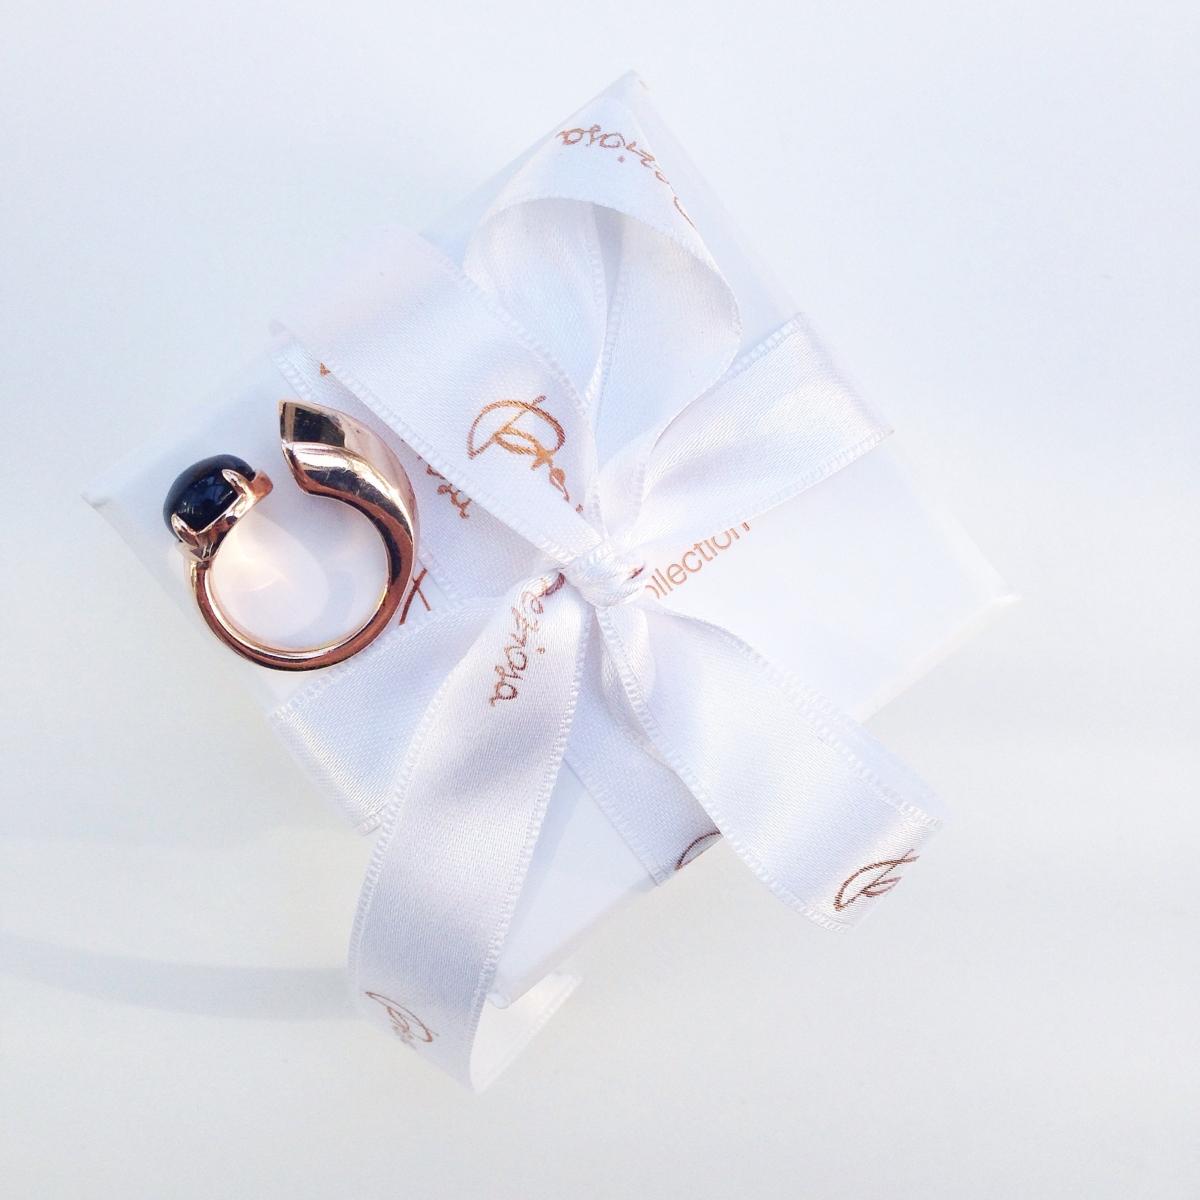 Πολύτιμα κοσμήματα Alejandra Onyx πακέτο